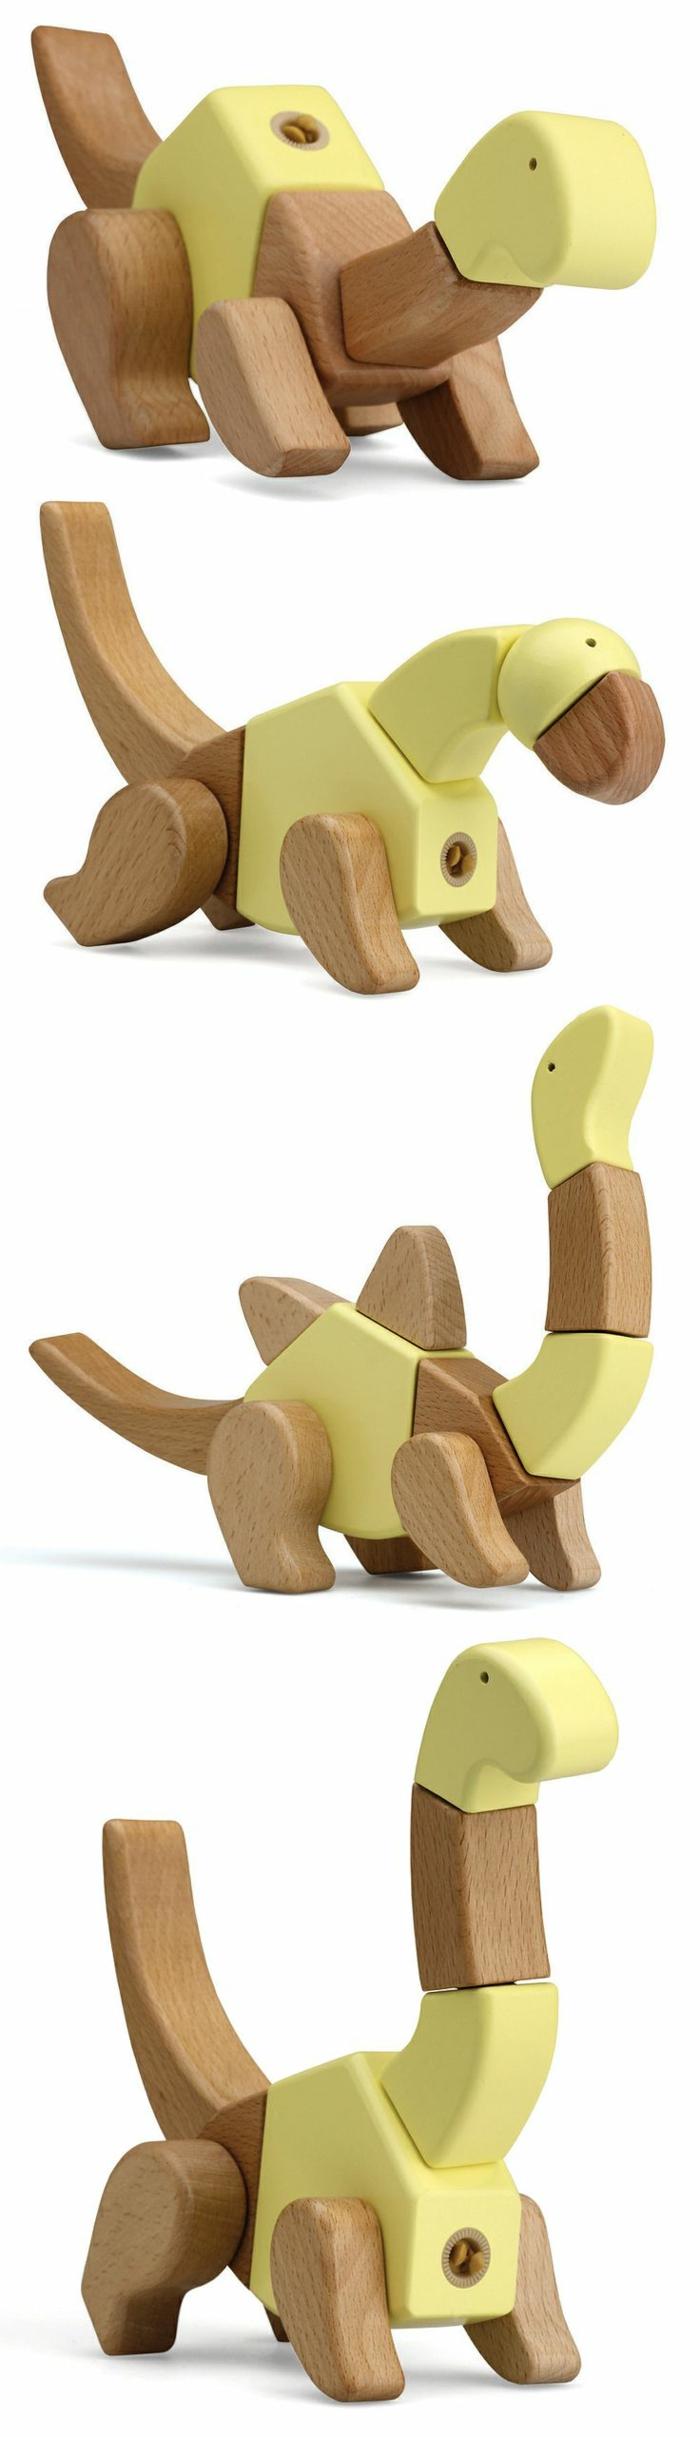 jouets-en-bois-dinosaur-bois